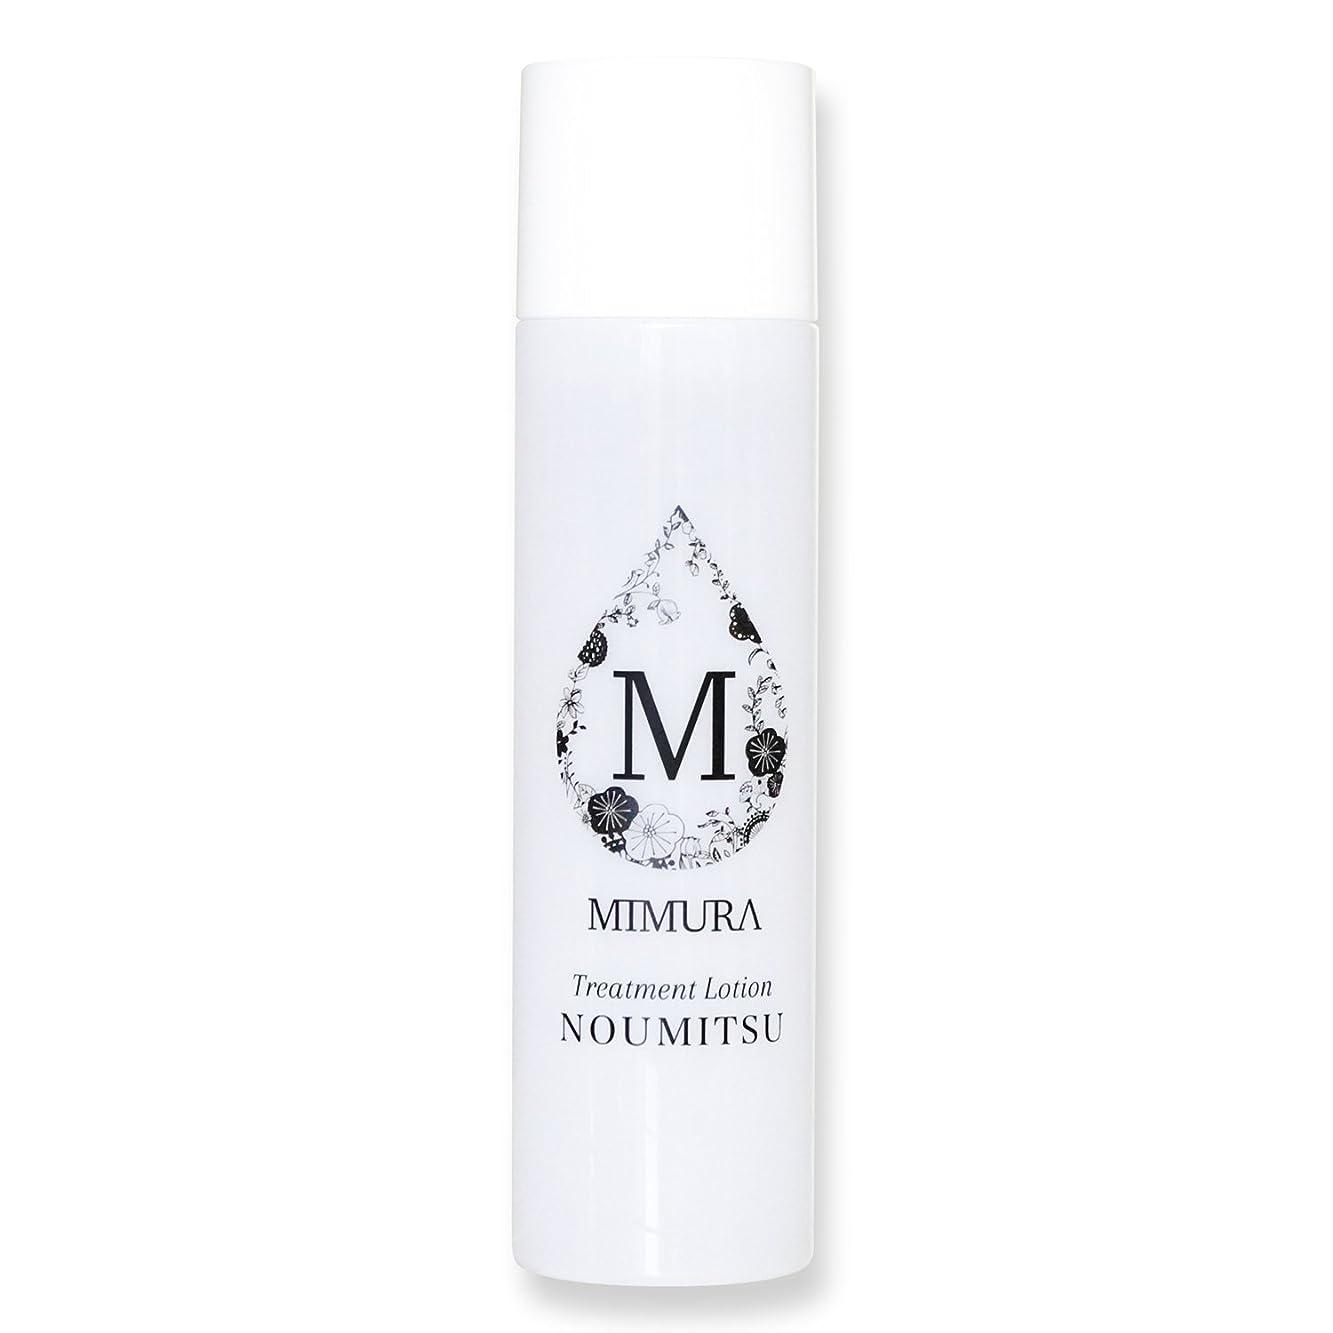 望み打ち負かす物足りない化粧水 乾燥肌 うるおい 送料無料 ミムラ トリートメントローション NOUMITSU MIMURA 日本製